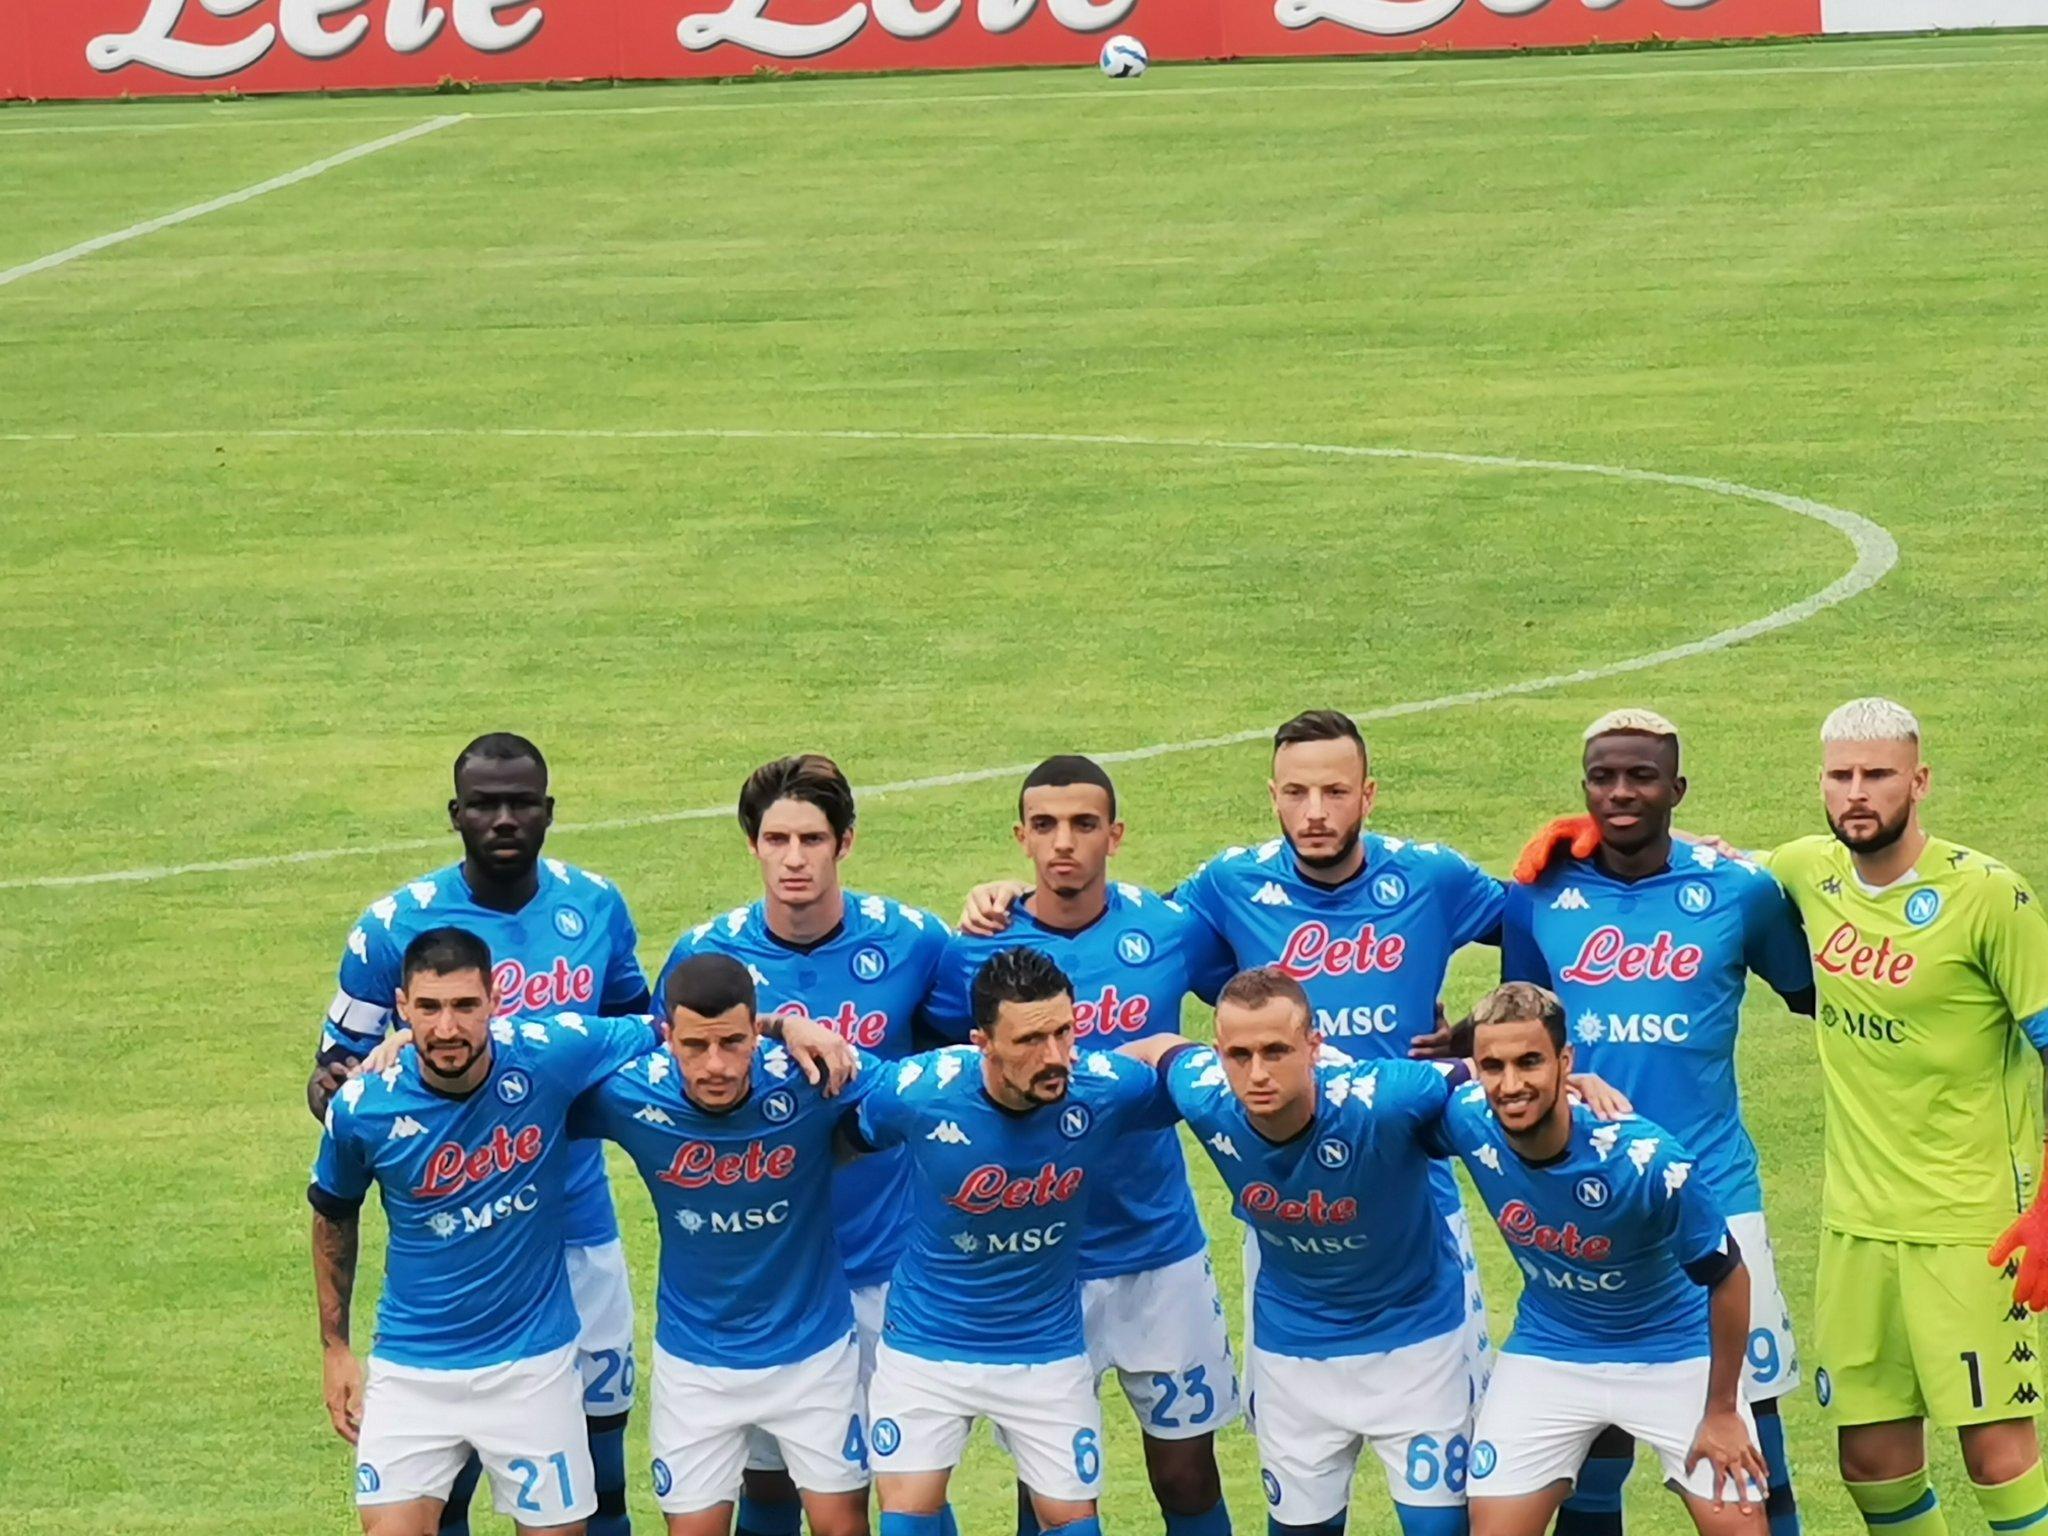 Zanoli Napoli